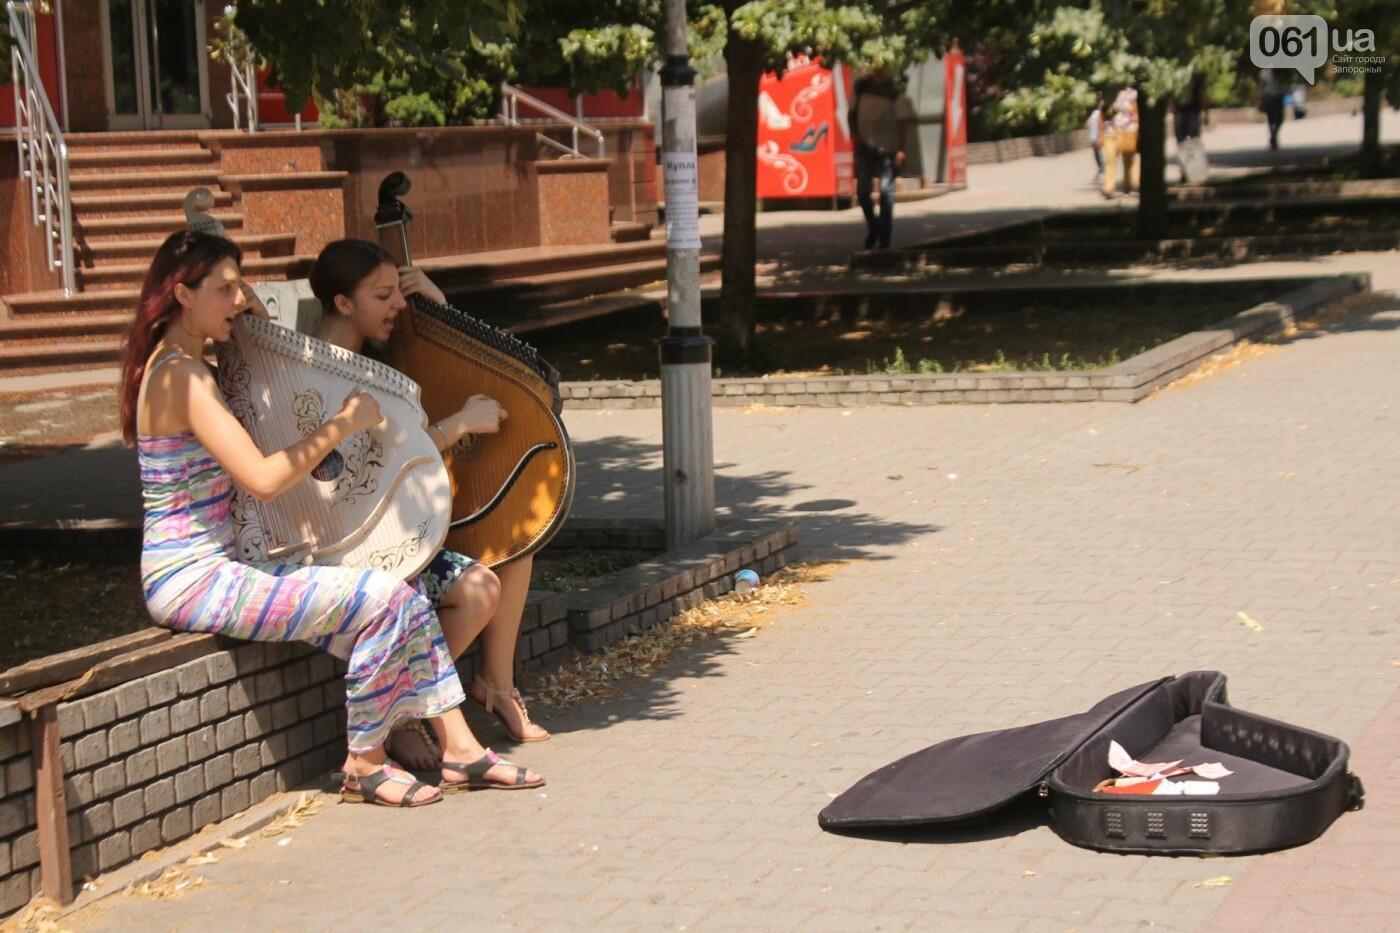 «Океан Эльзы», Злата Огневич и «Один в каноэ»: запорожские студентки-бандуристки устроили уличный концерт, – ФОТО, ВИДЕО, фото-5